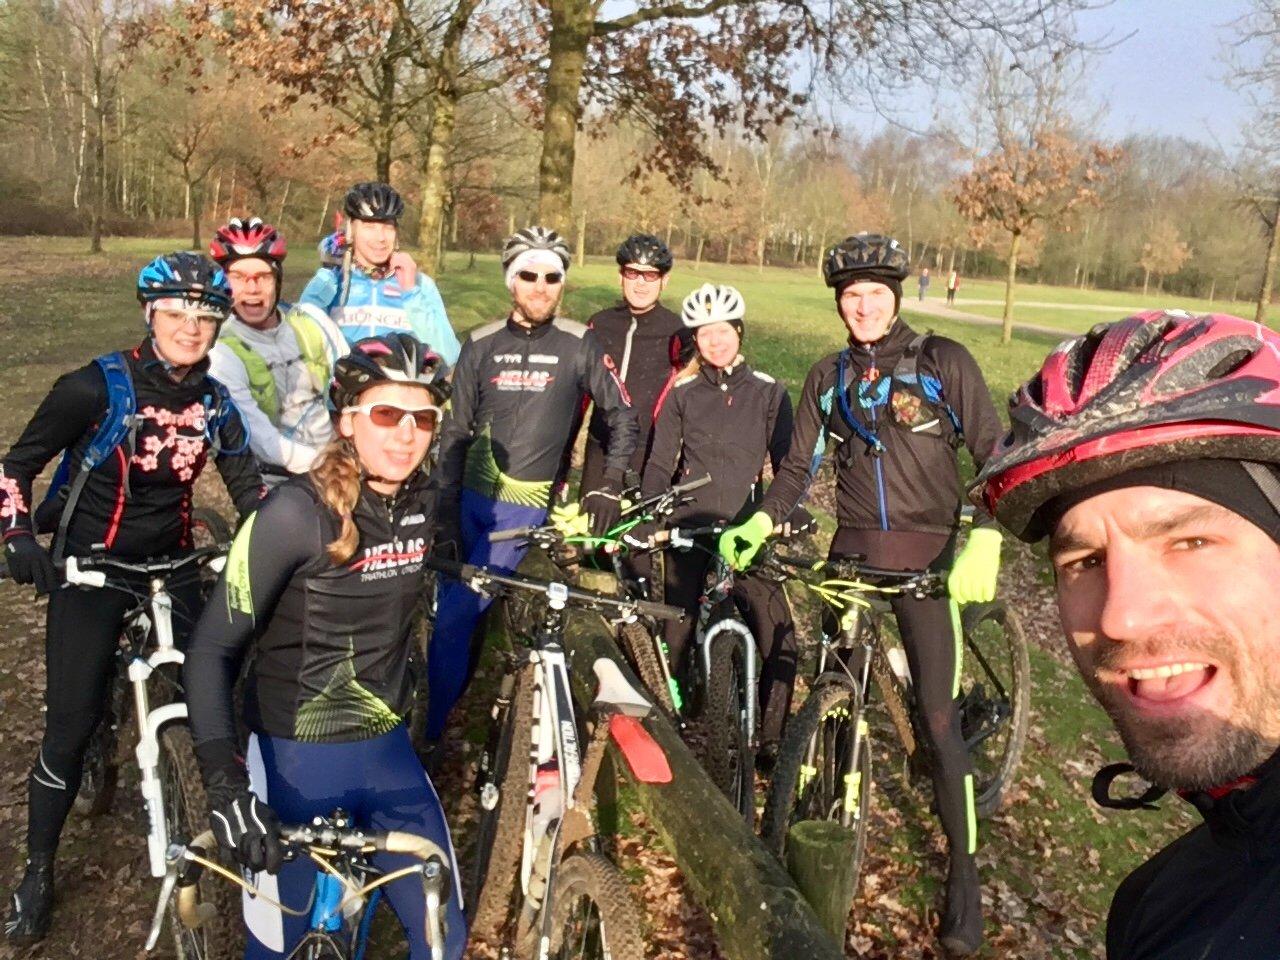 tips-tricks - UHTT training 1 - UHTT MTB Clinic 'Omhoog fietsen' ism Hellas Triathlon bij Kwintelooijen - trainen, MTB, Fietsen, crosstriathlon, Clinic